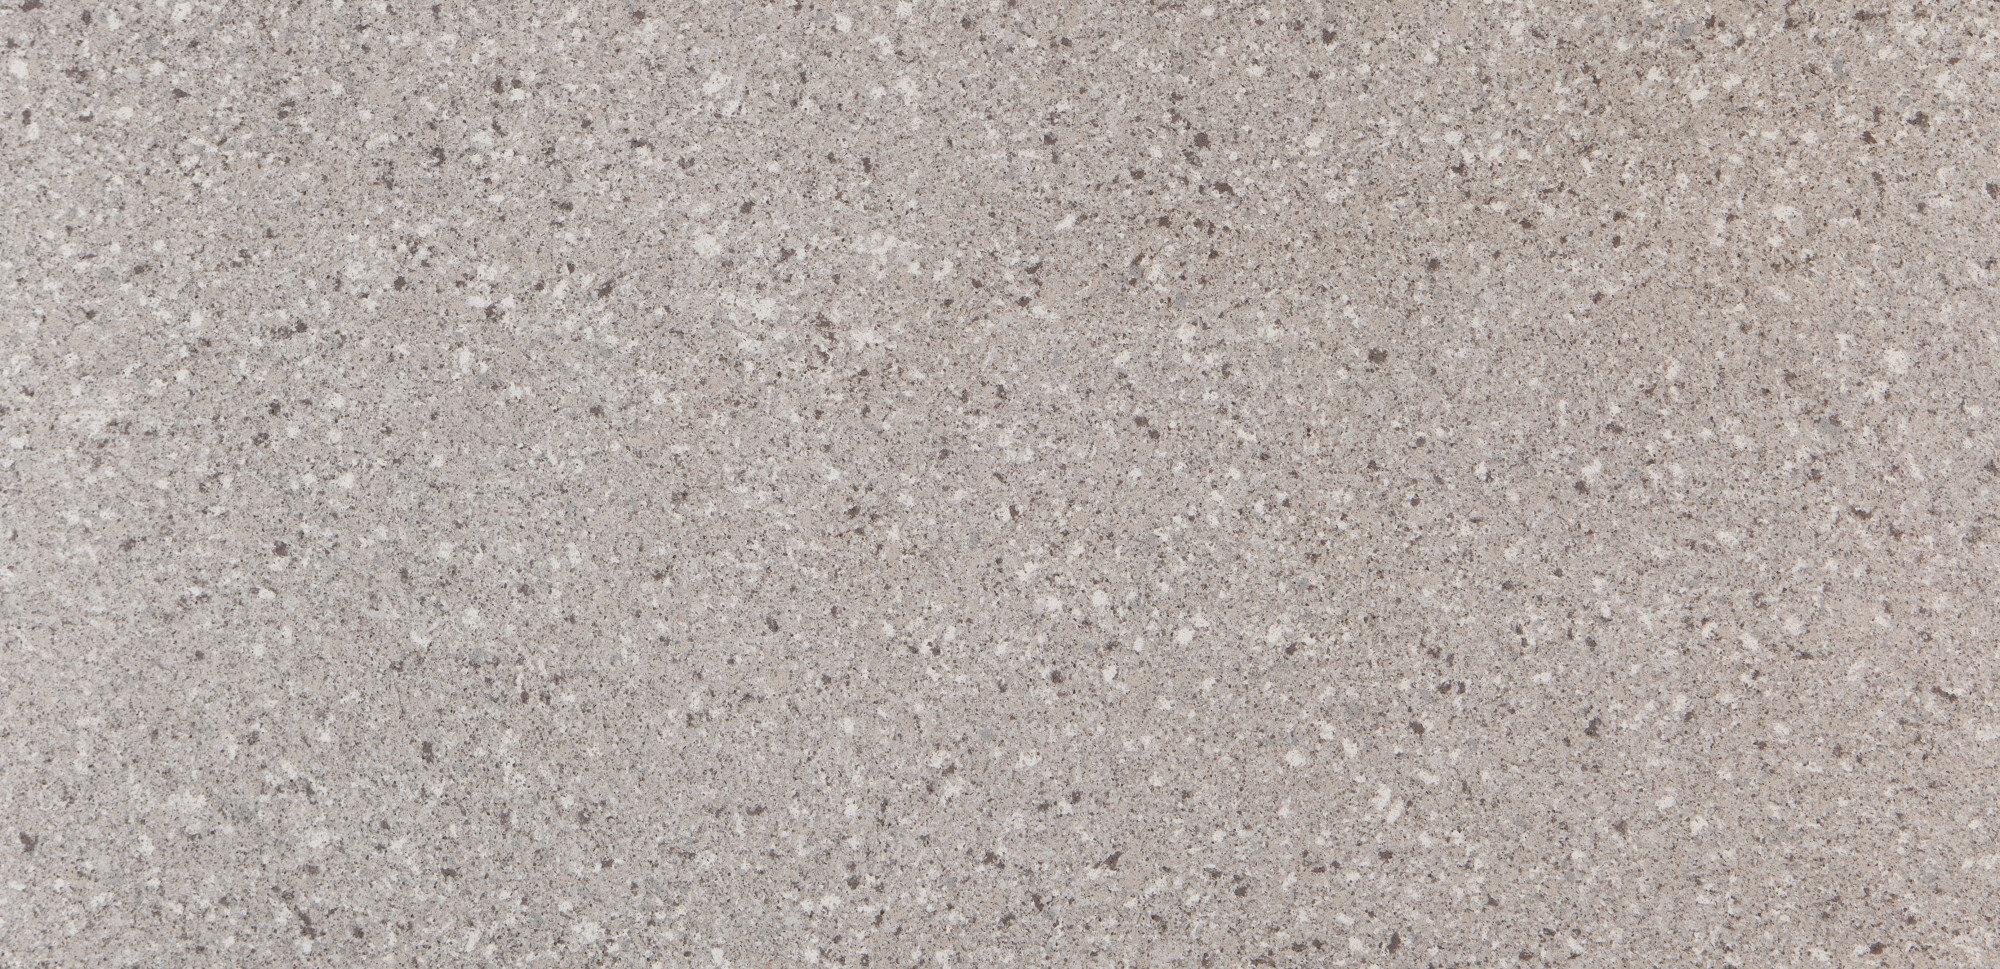 - Alpina White Silestone Quartz Countertops, Cost, Reviews